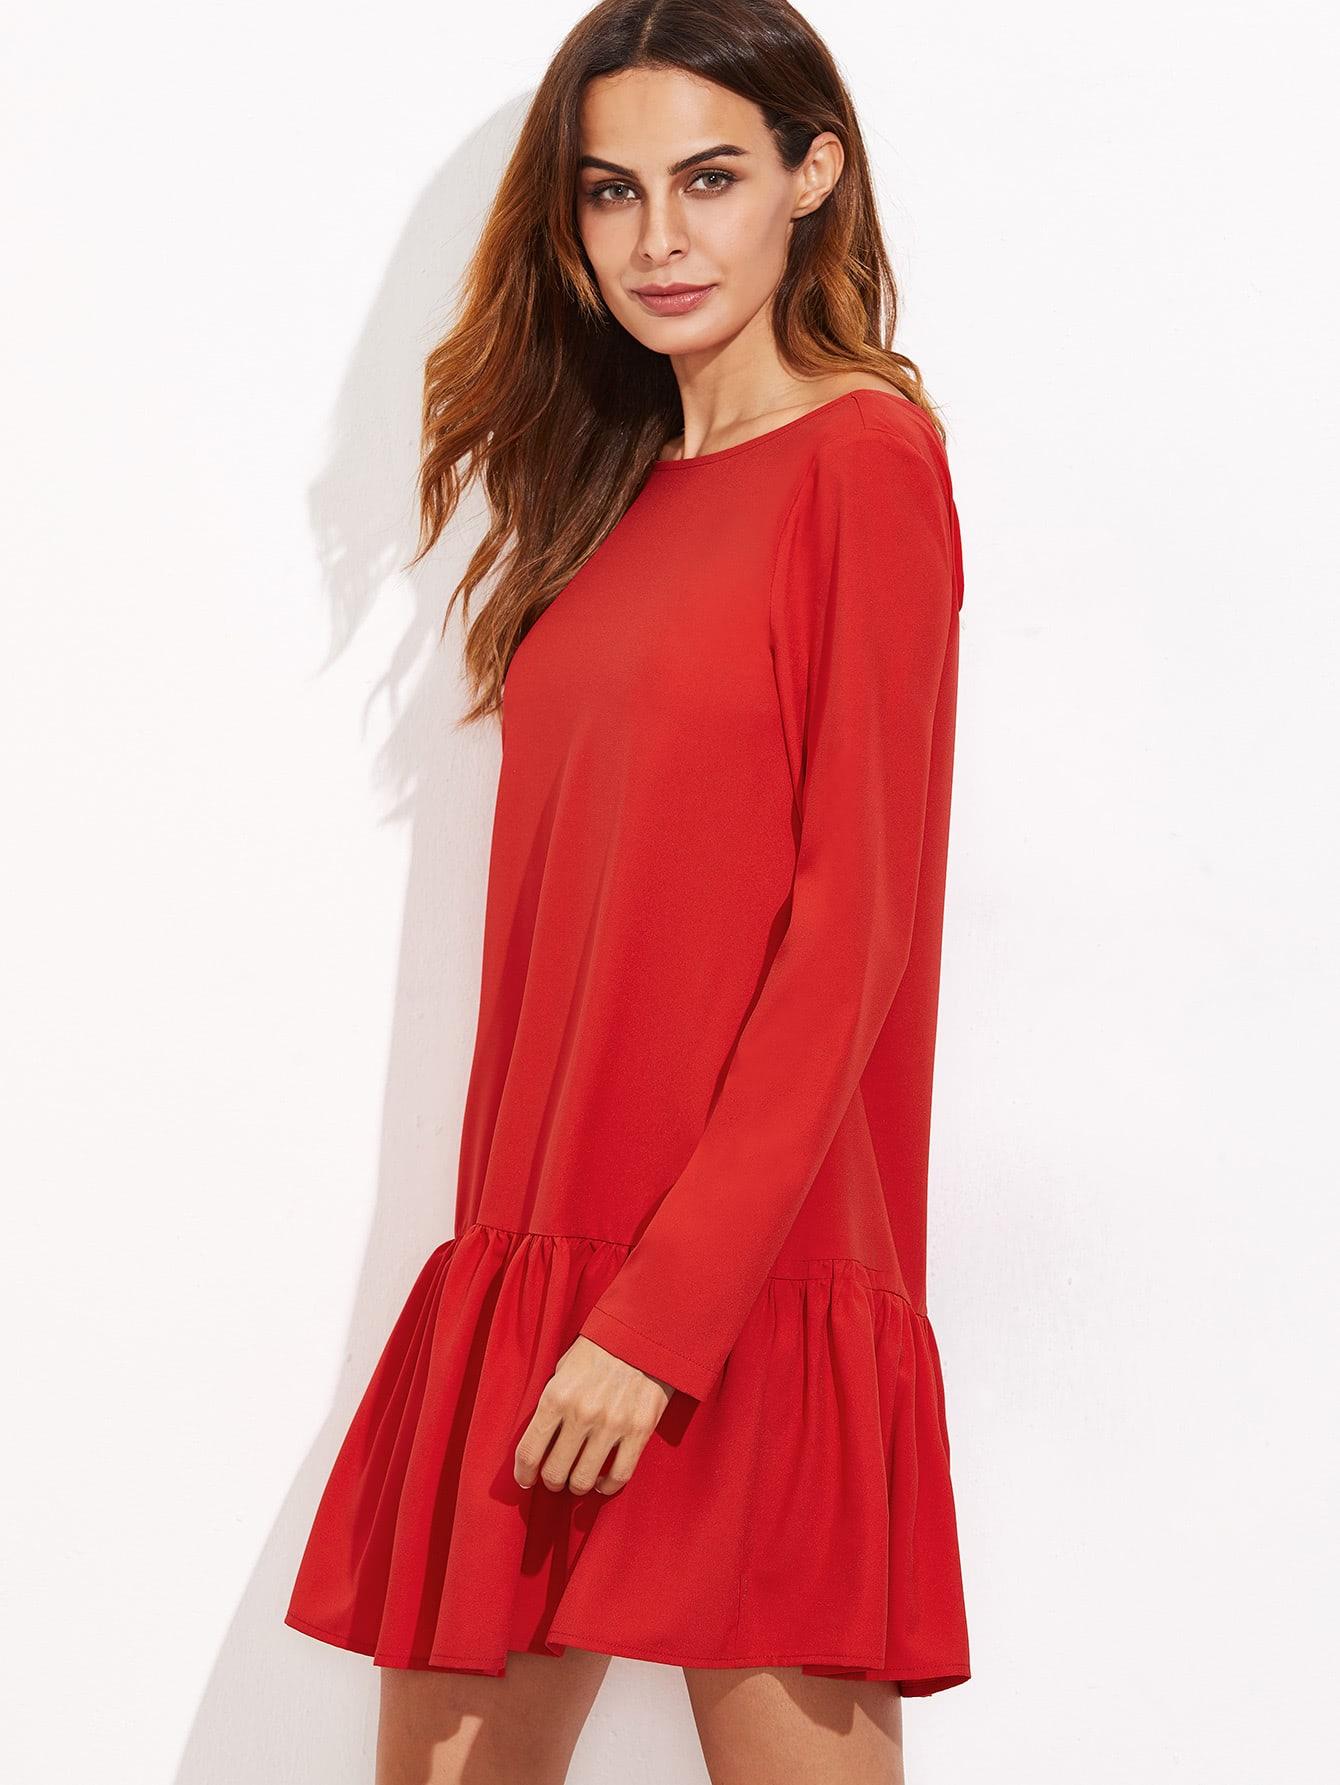 dress161025714_2